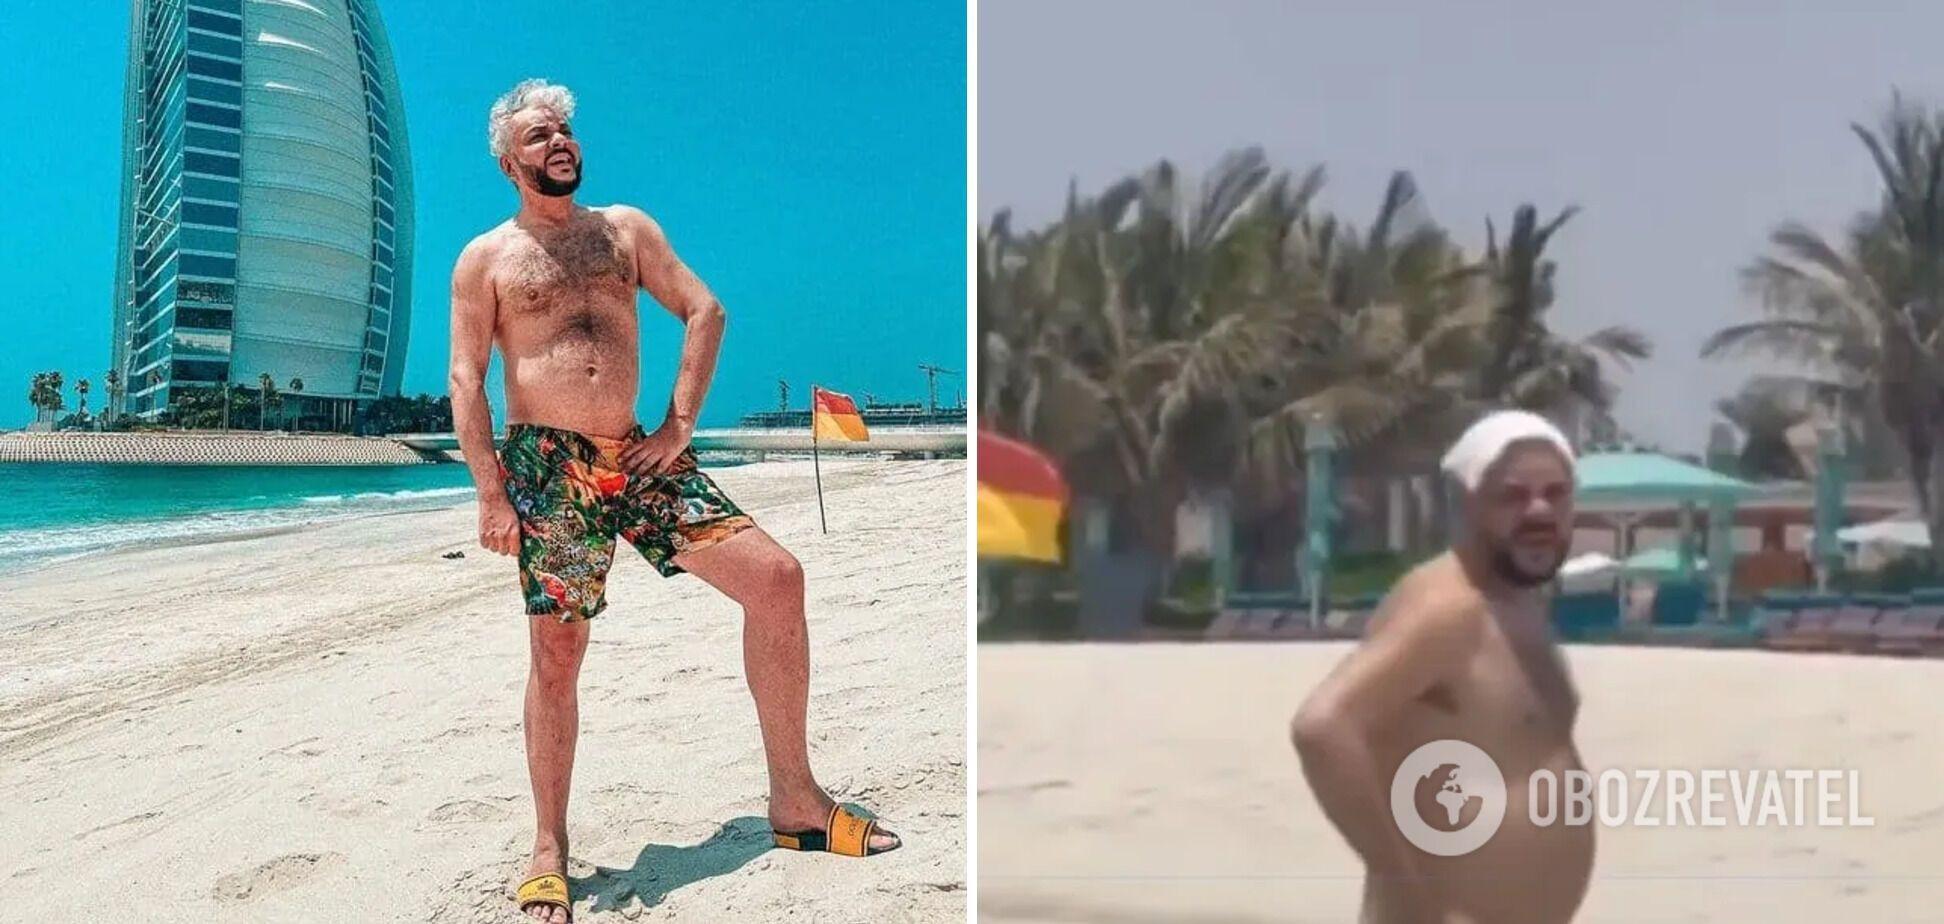 Филипп Киркоров в соцсетях и реальной жизни на пляже в Дубае